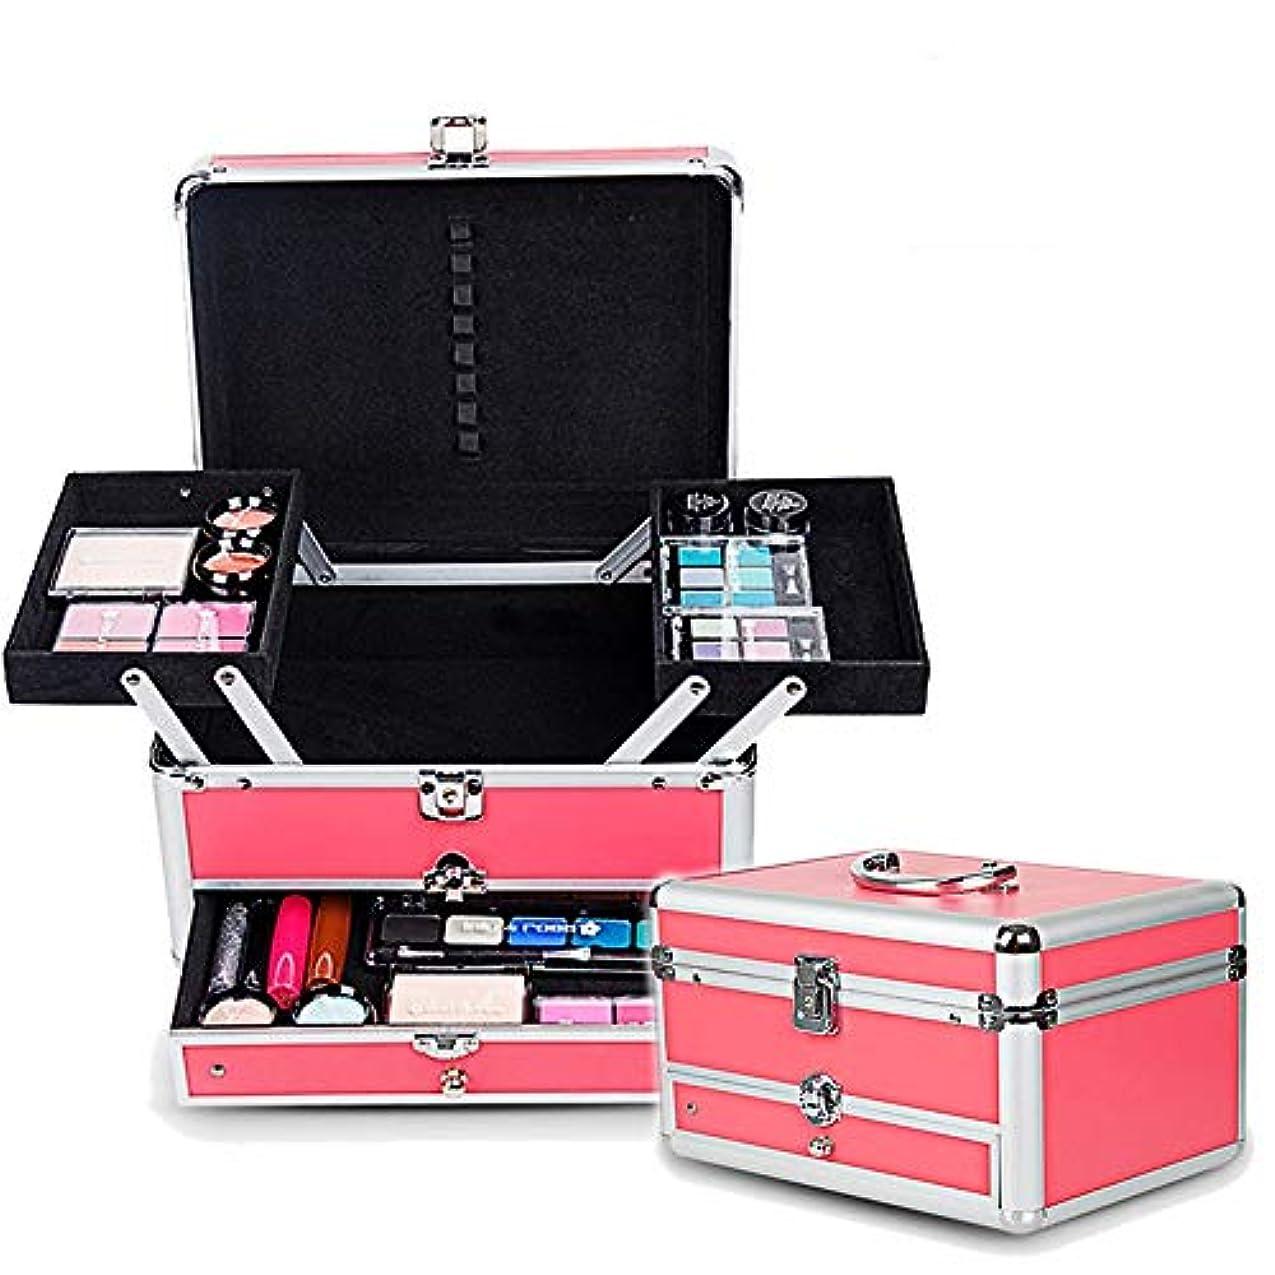 植物のうるさい安価な特大スペース収納ビューティーボックス 女の子の女性旅行のための新しく、実用的な携帯用化粧箱およびロックおよび皿が付いている毎日の貯蔵 化粧品化粧台 (色 : ピンク)